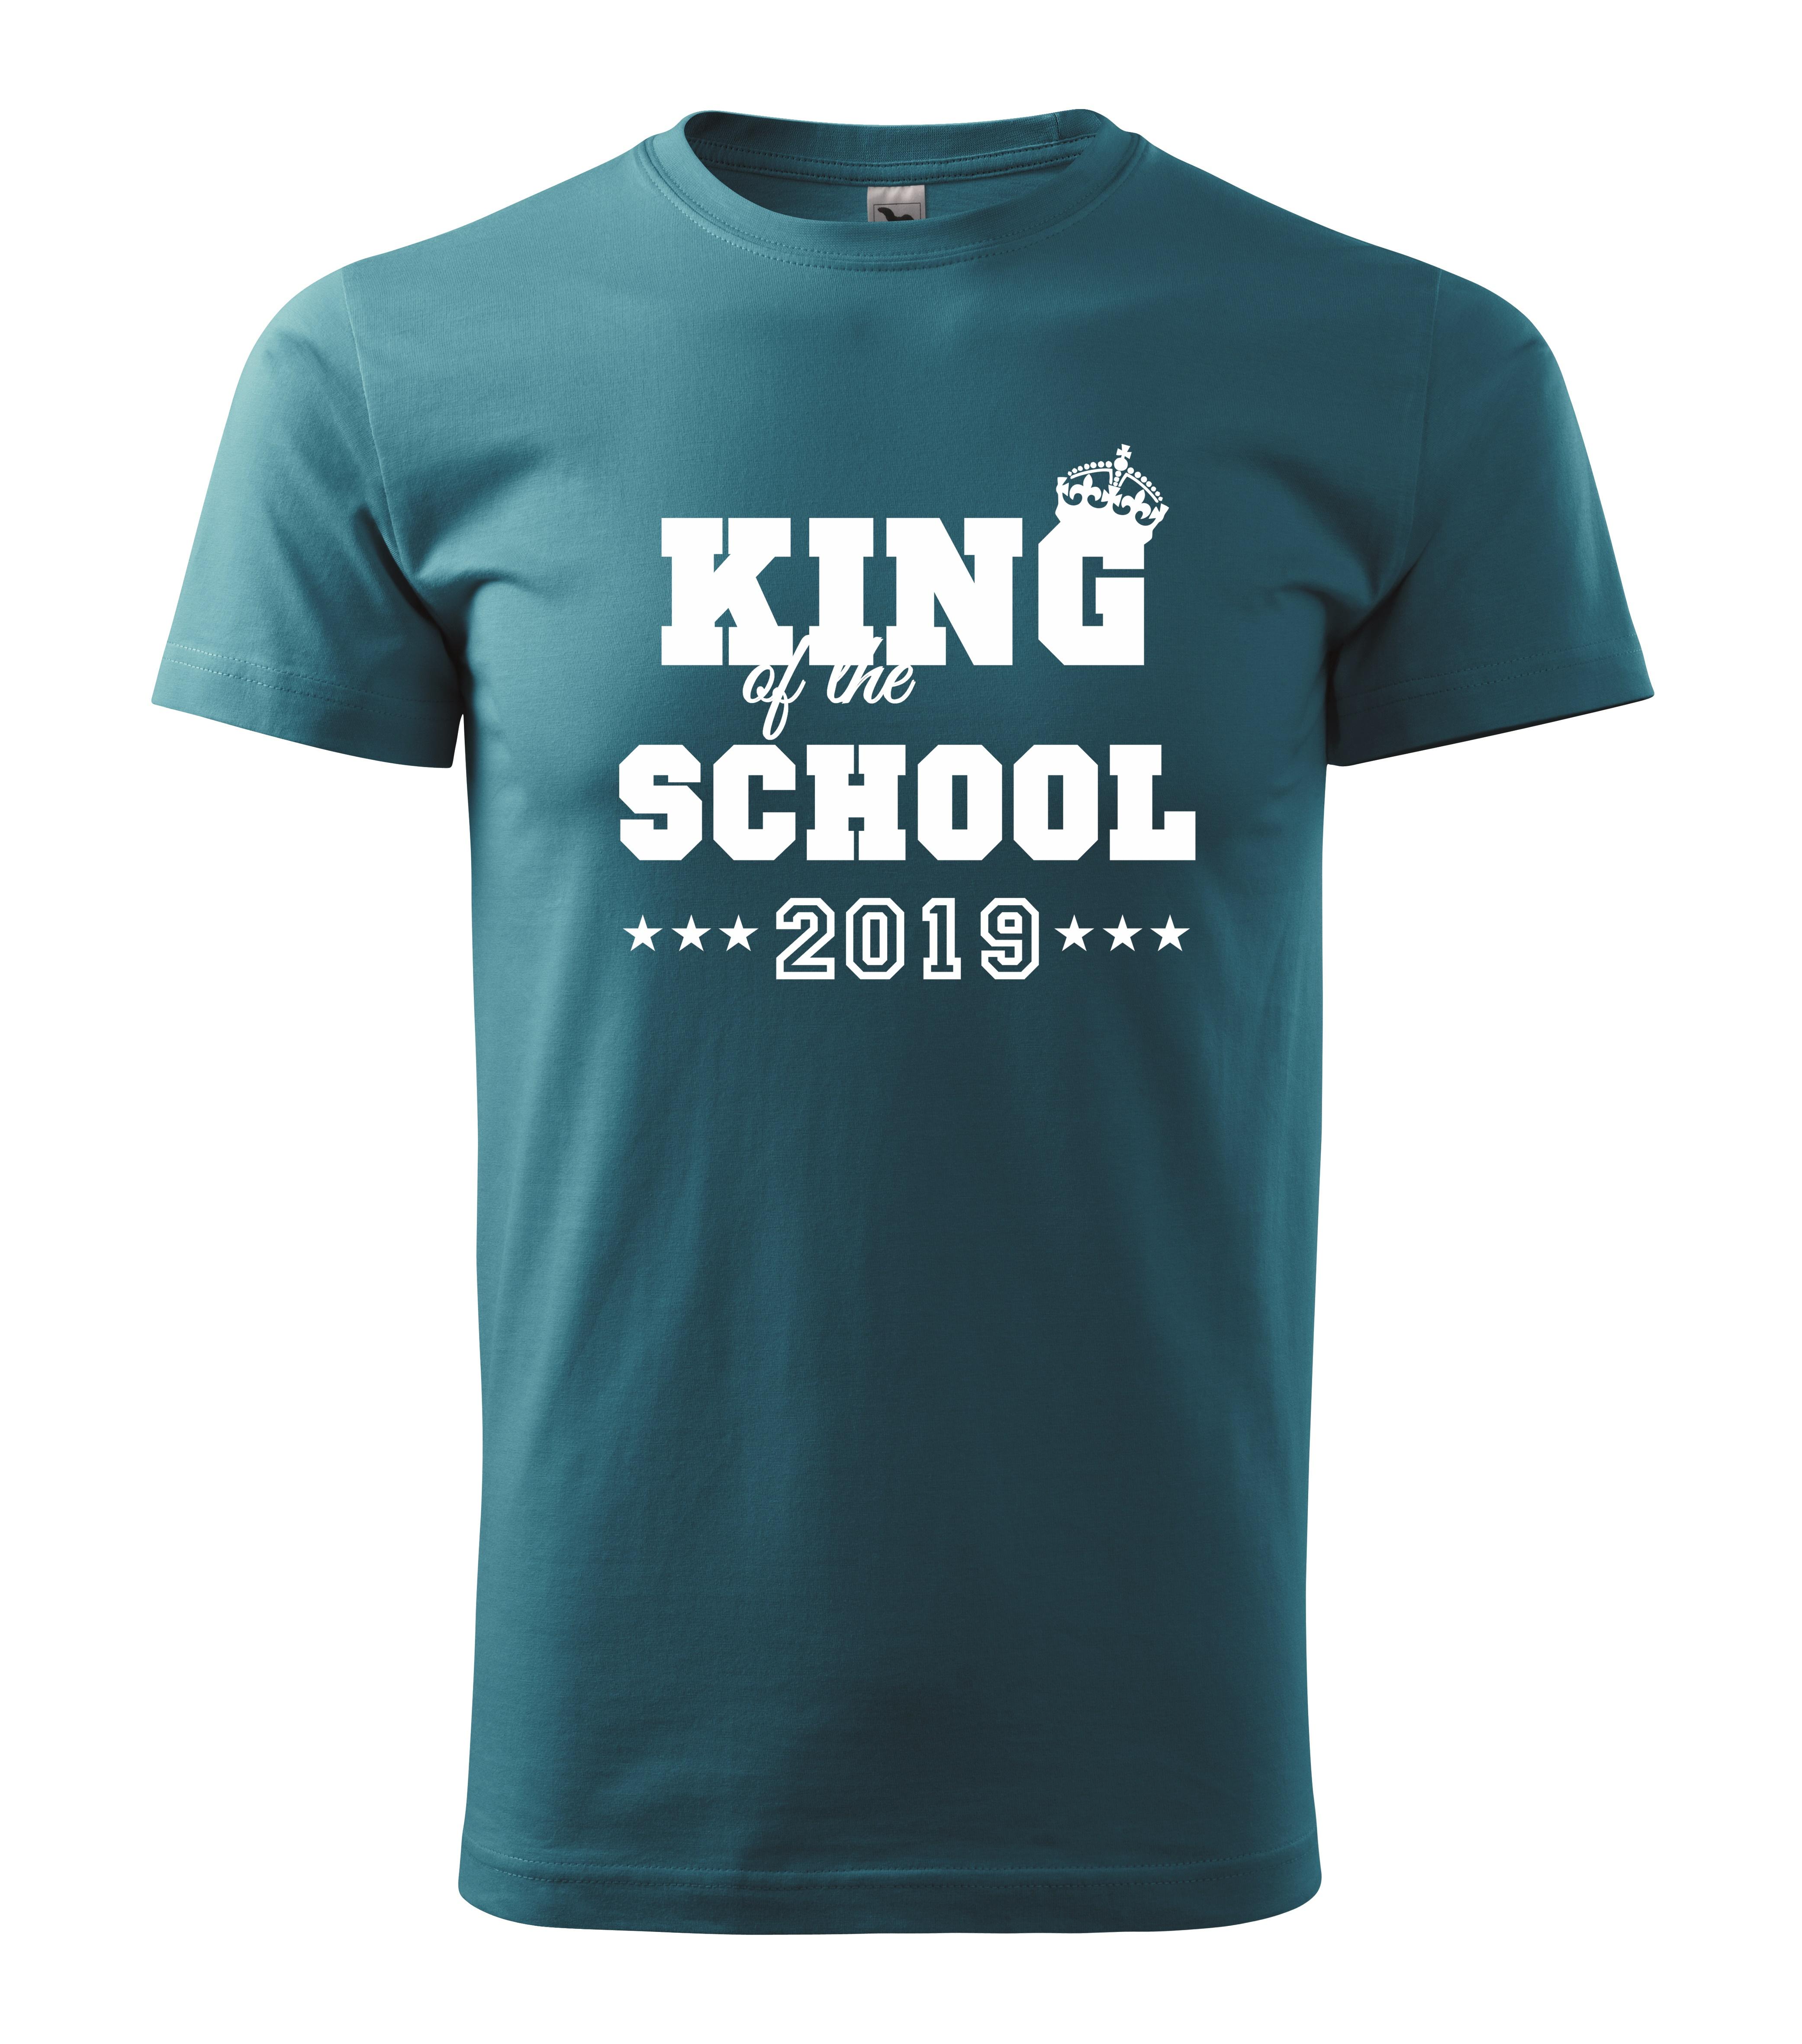 Vytvořte si třídní tričko podle Vašich představ. Prohlédněte si návrhy na  přední a zadní stranu trička. Grafické návrhy si můžete v objednávkovém  formuláři ... b60c72d975